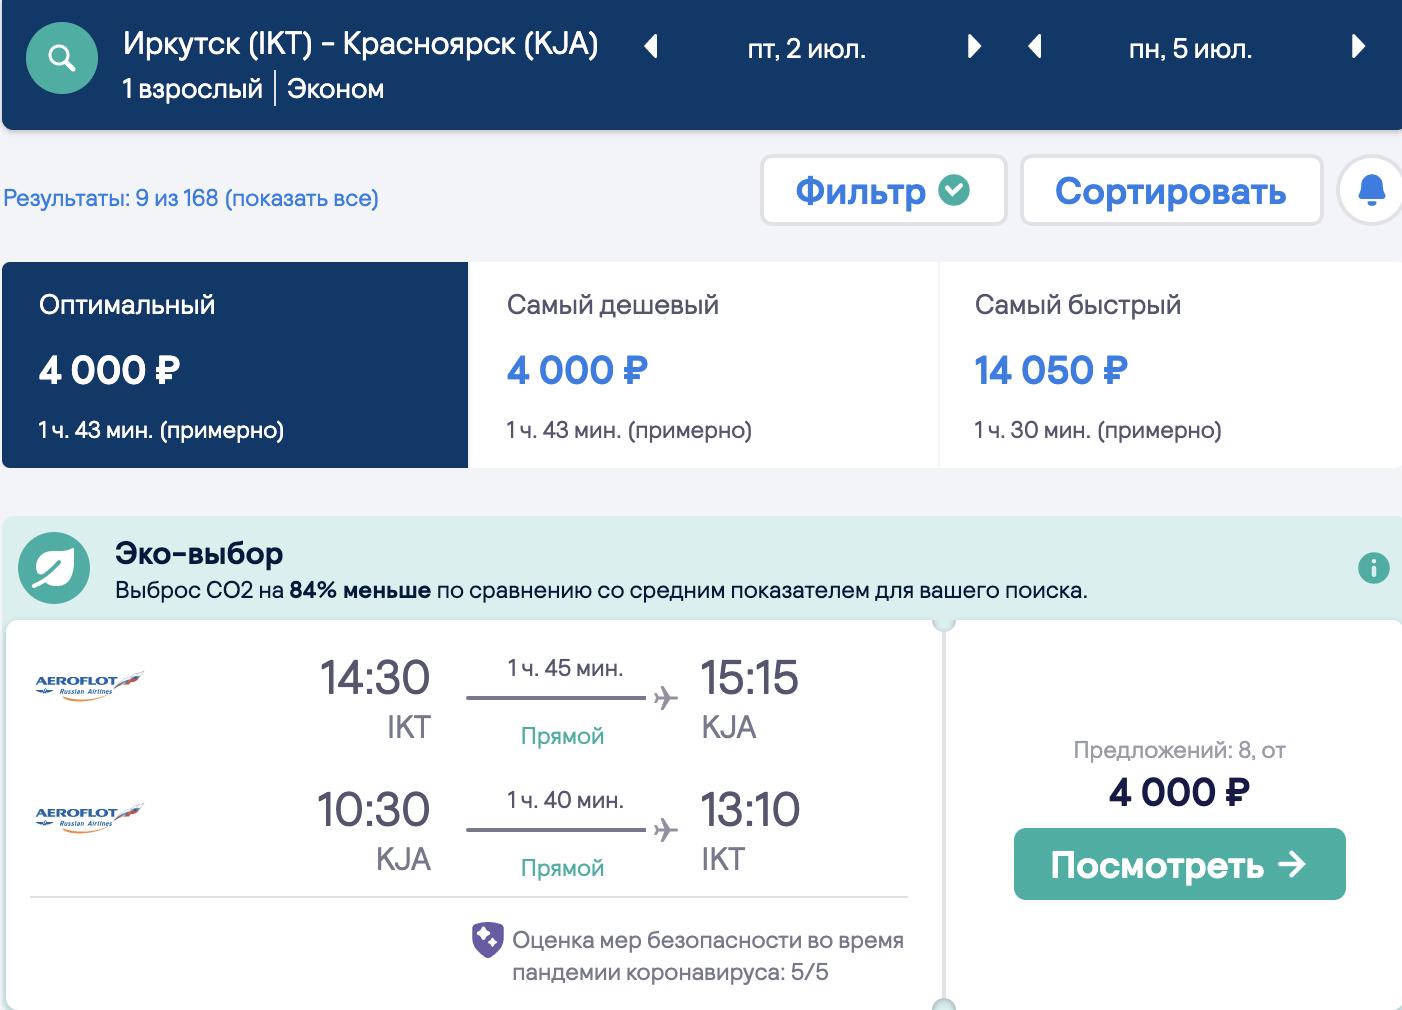 Все лето! Распродажа Аэрофлота по России через Красноярск от 4000₽ туда-обратно